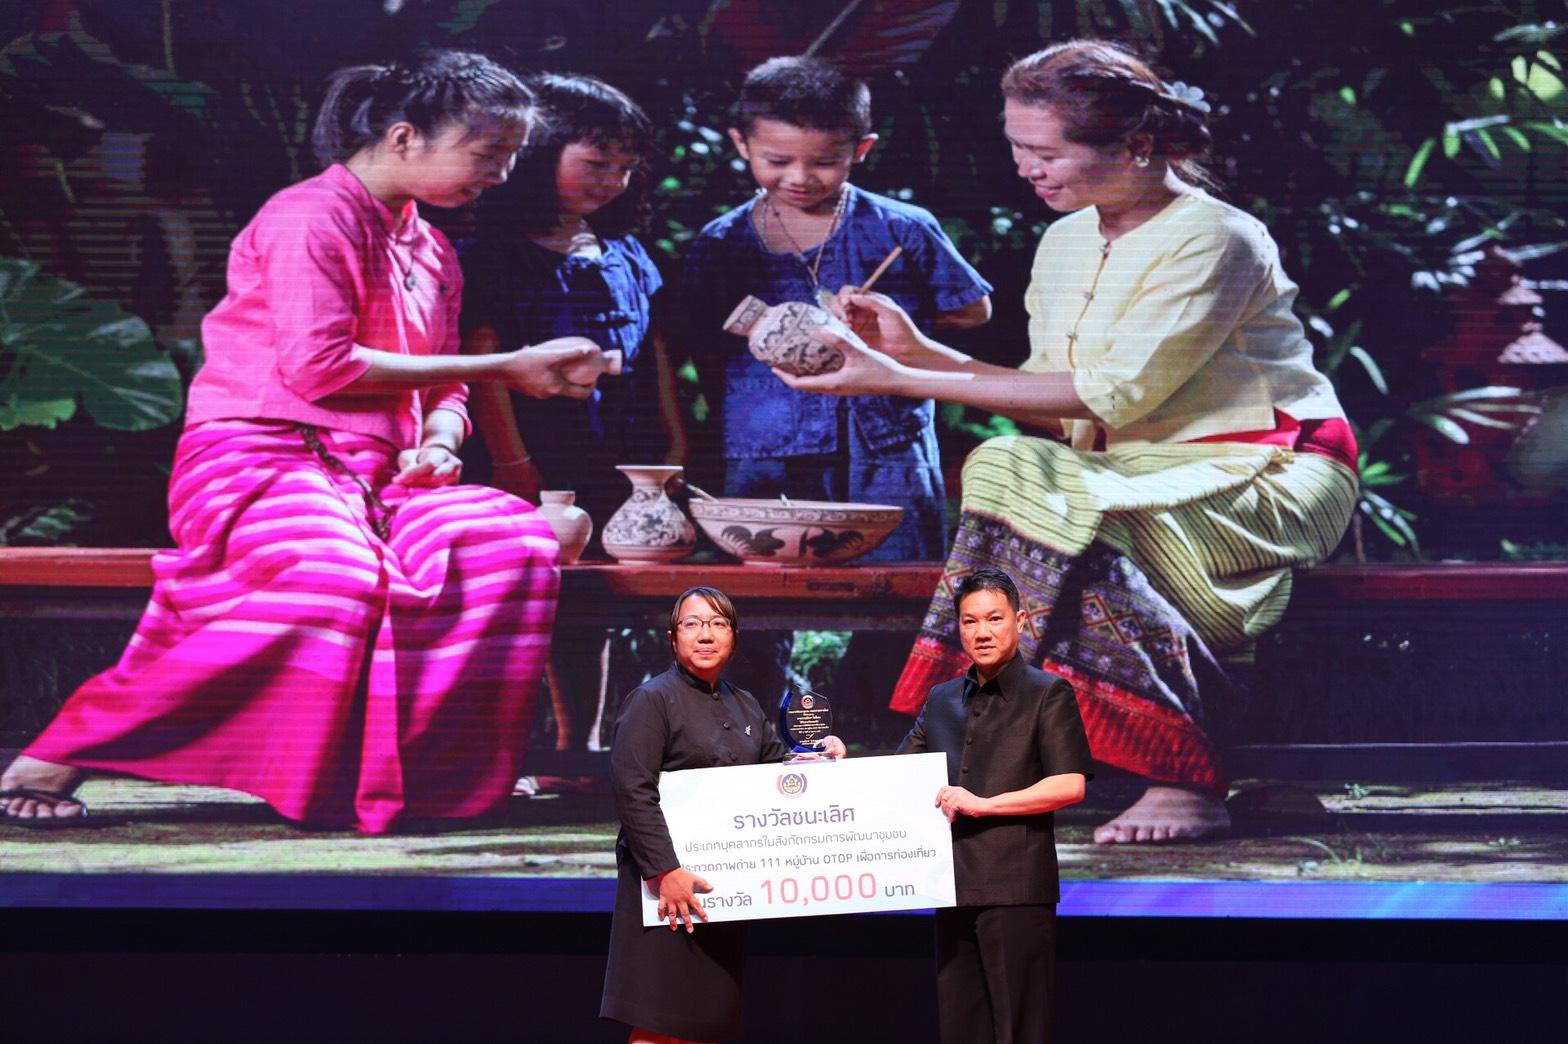 รางวัลชนะเลิศ ประเภทบุคลากรในสังกัดกรมการพัฒนาชุมชน ได้แก่นางสาวปนัดดา โพธิ์ทอง จ.เชียงราย